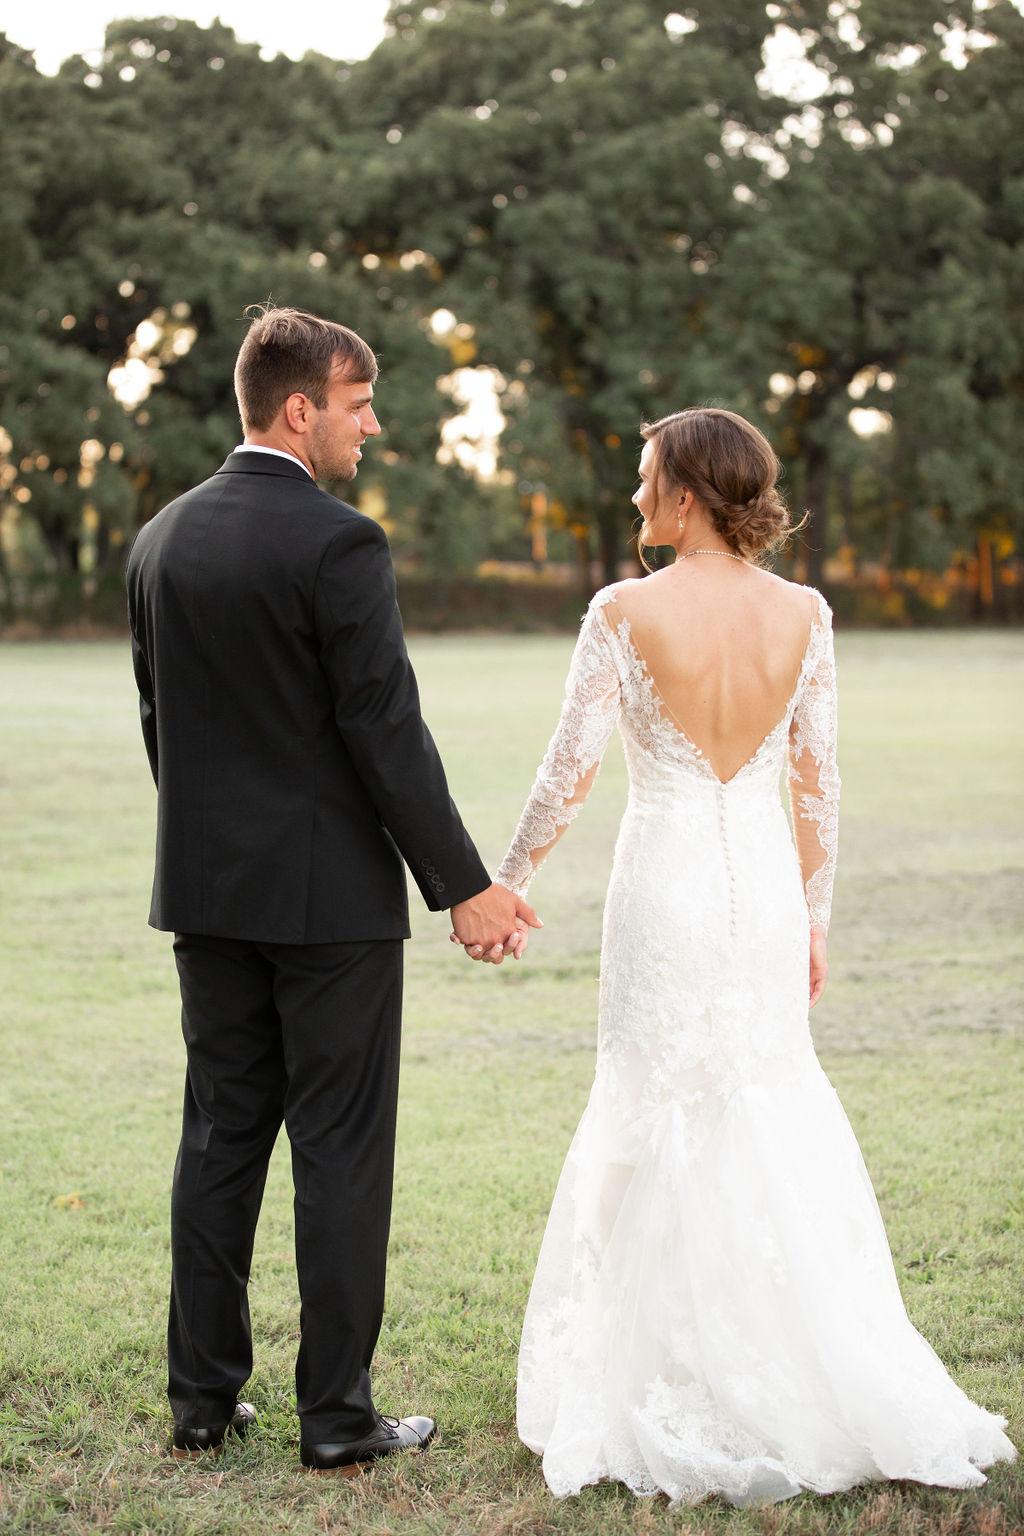 Dallas Fort Worth Wedding: Modern Minimalistic Wedding at The Emerson